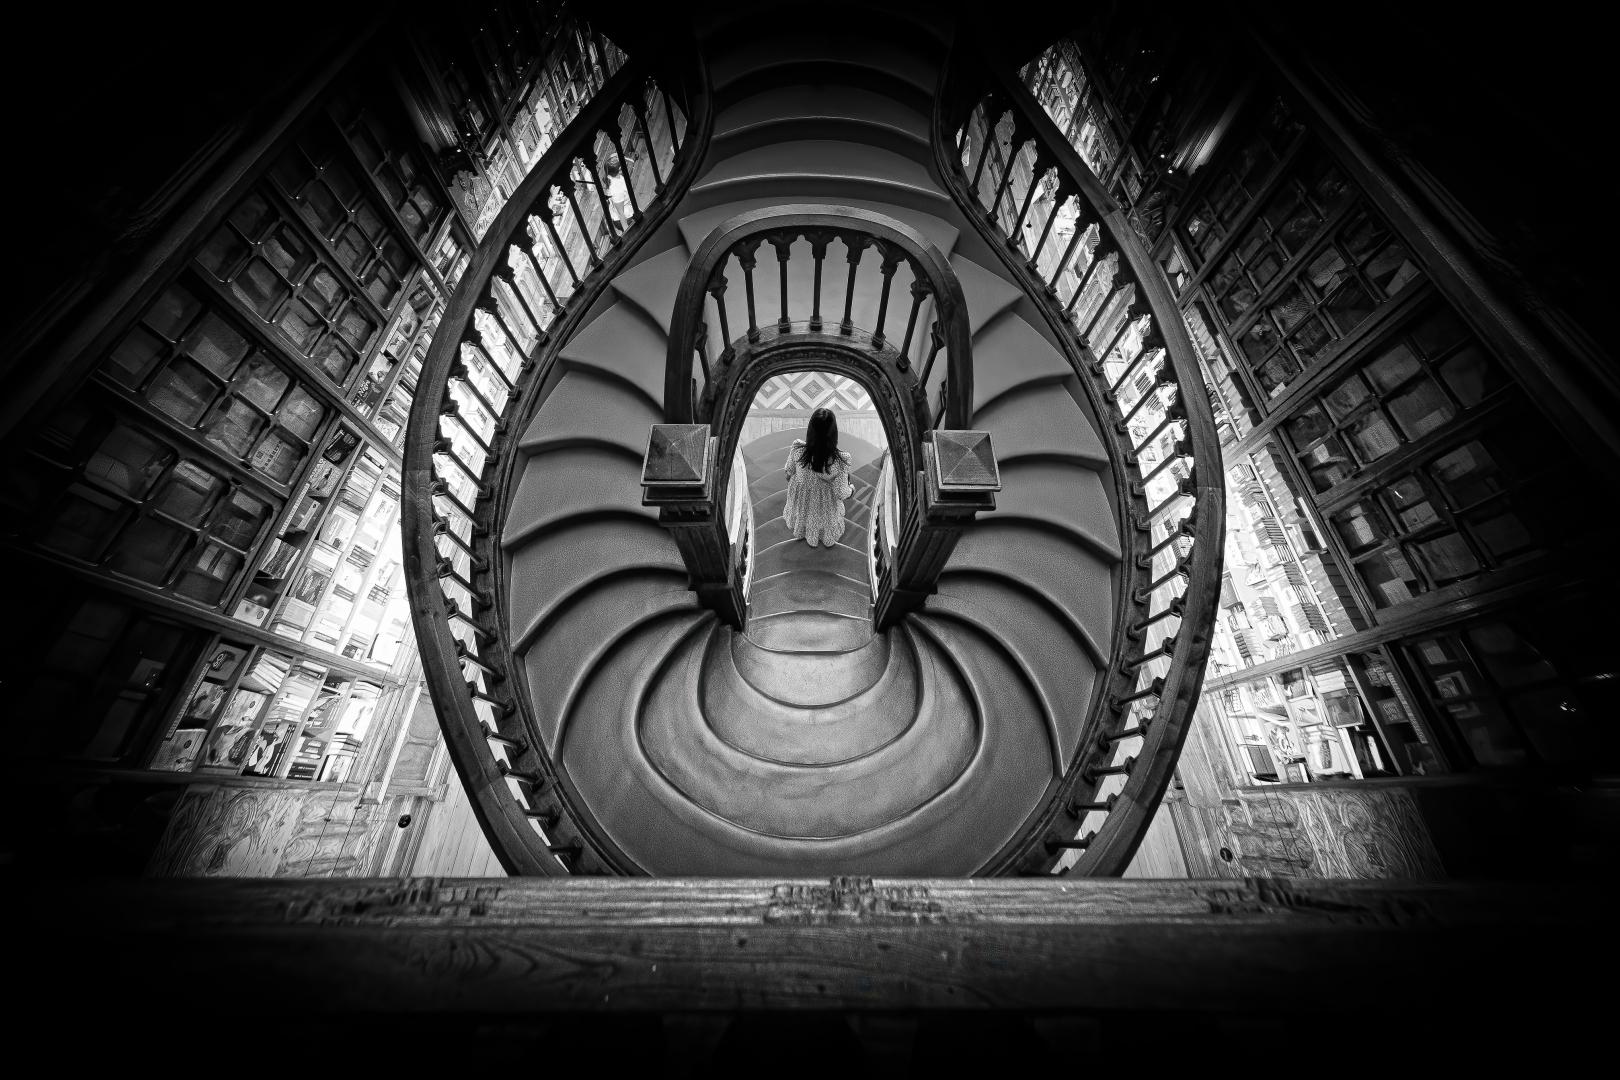 Arquitetura/Escadaria